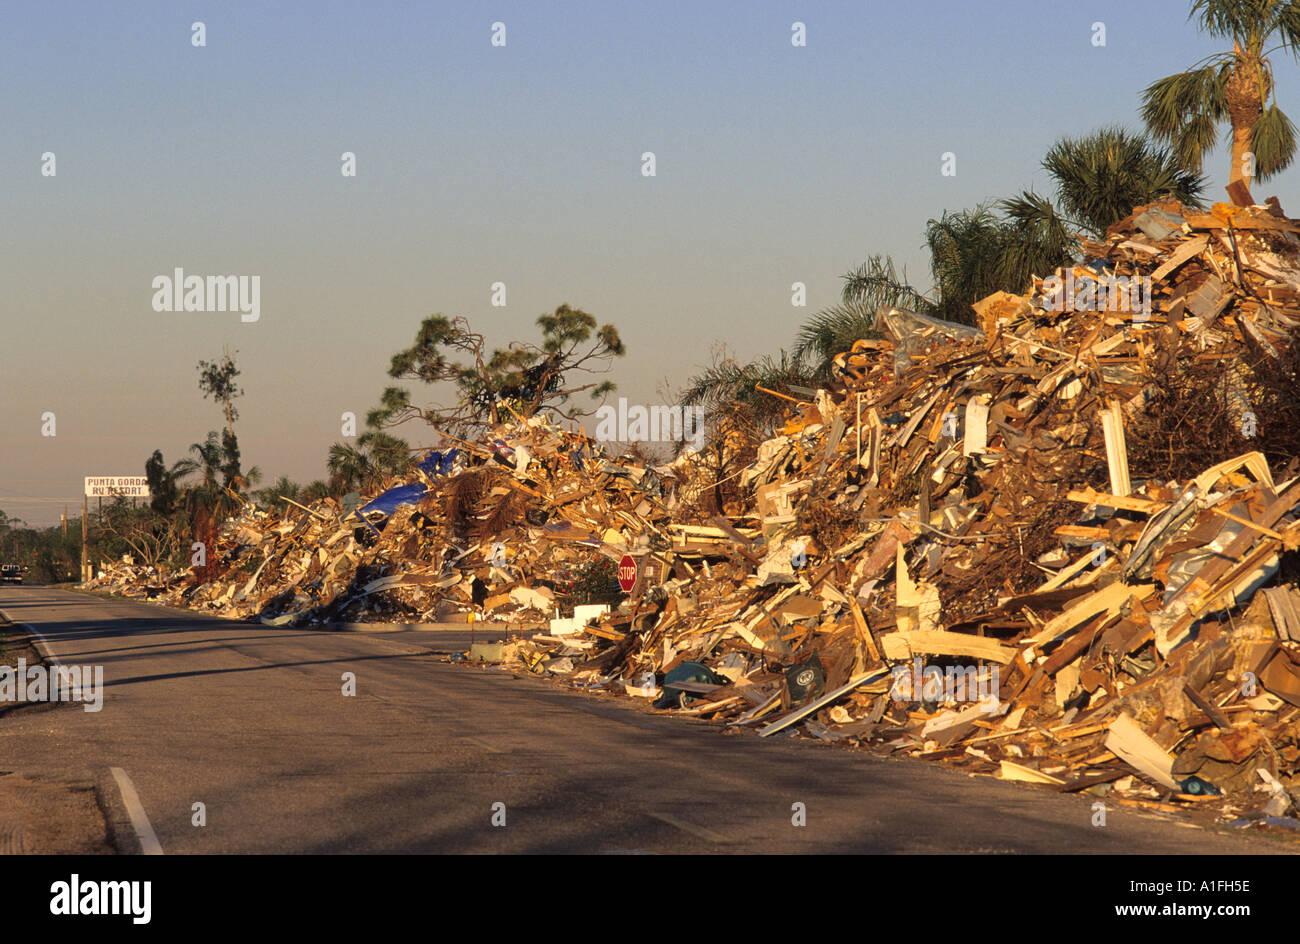 Schmutz vom Hurrikan Charlie aufgetürmt entlang der Straße in Punta Gorda, Florida Stockbild